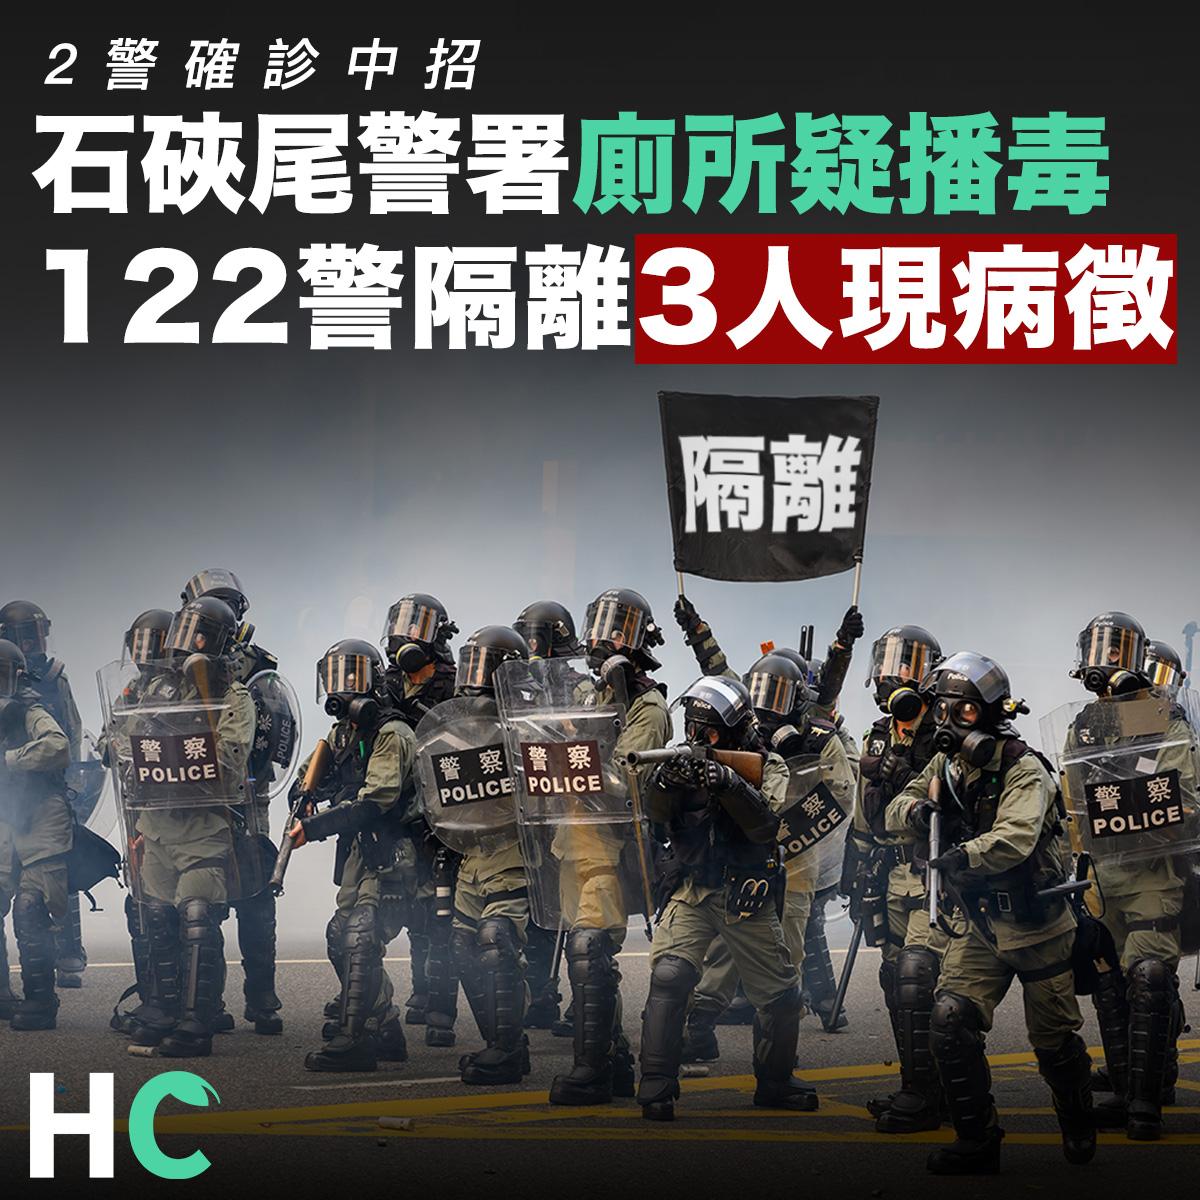 【#武漢肺炎】石硤尾警署廁所疑播毒 122警隔離3人現病徵